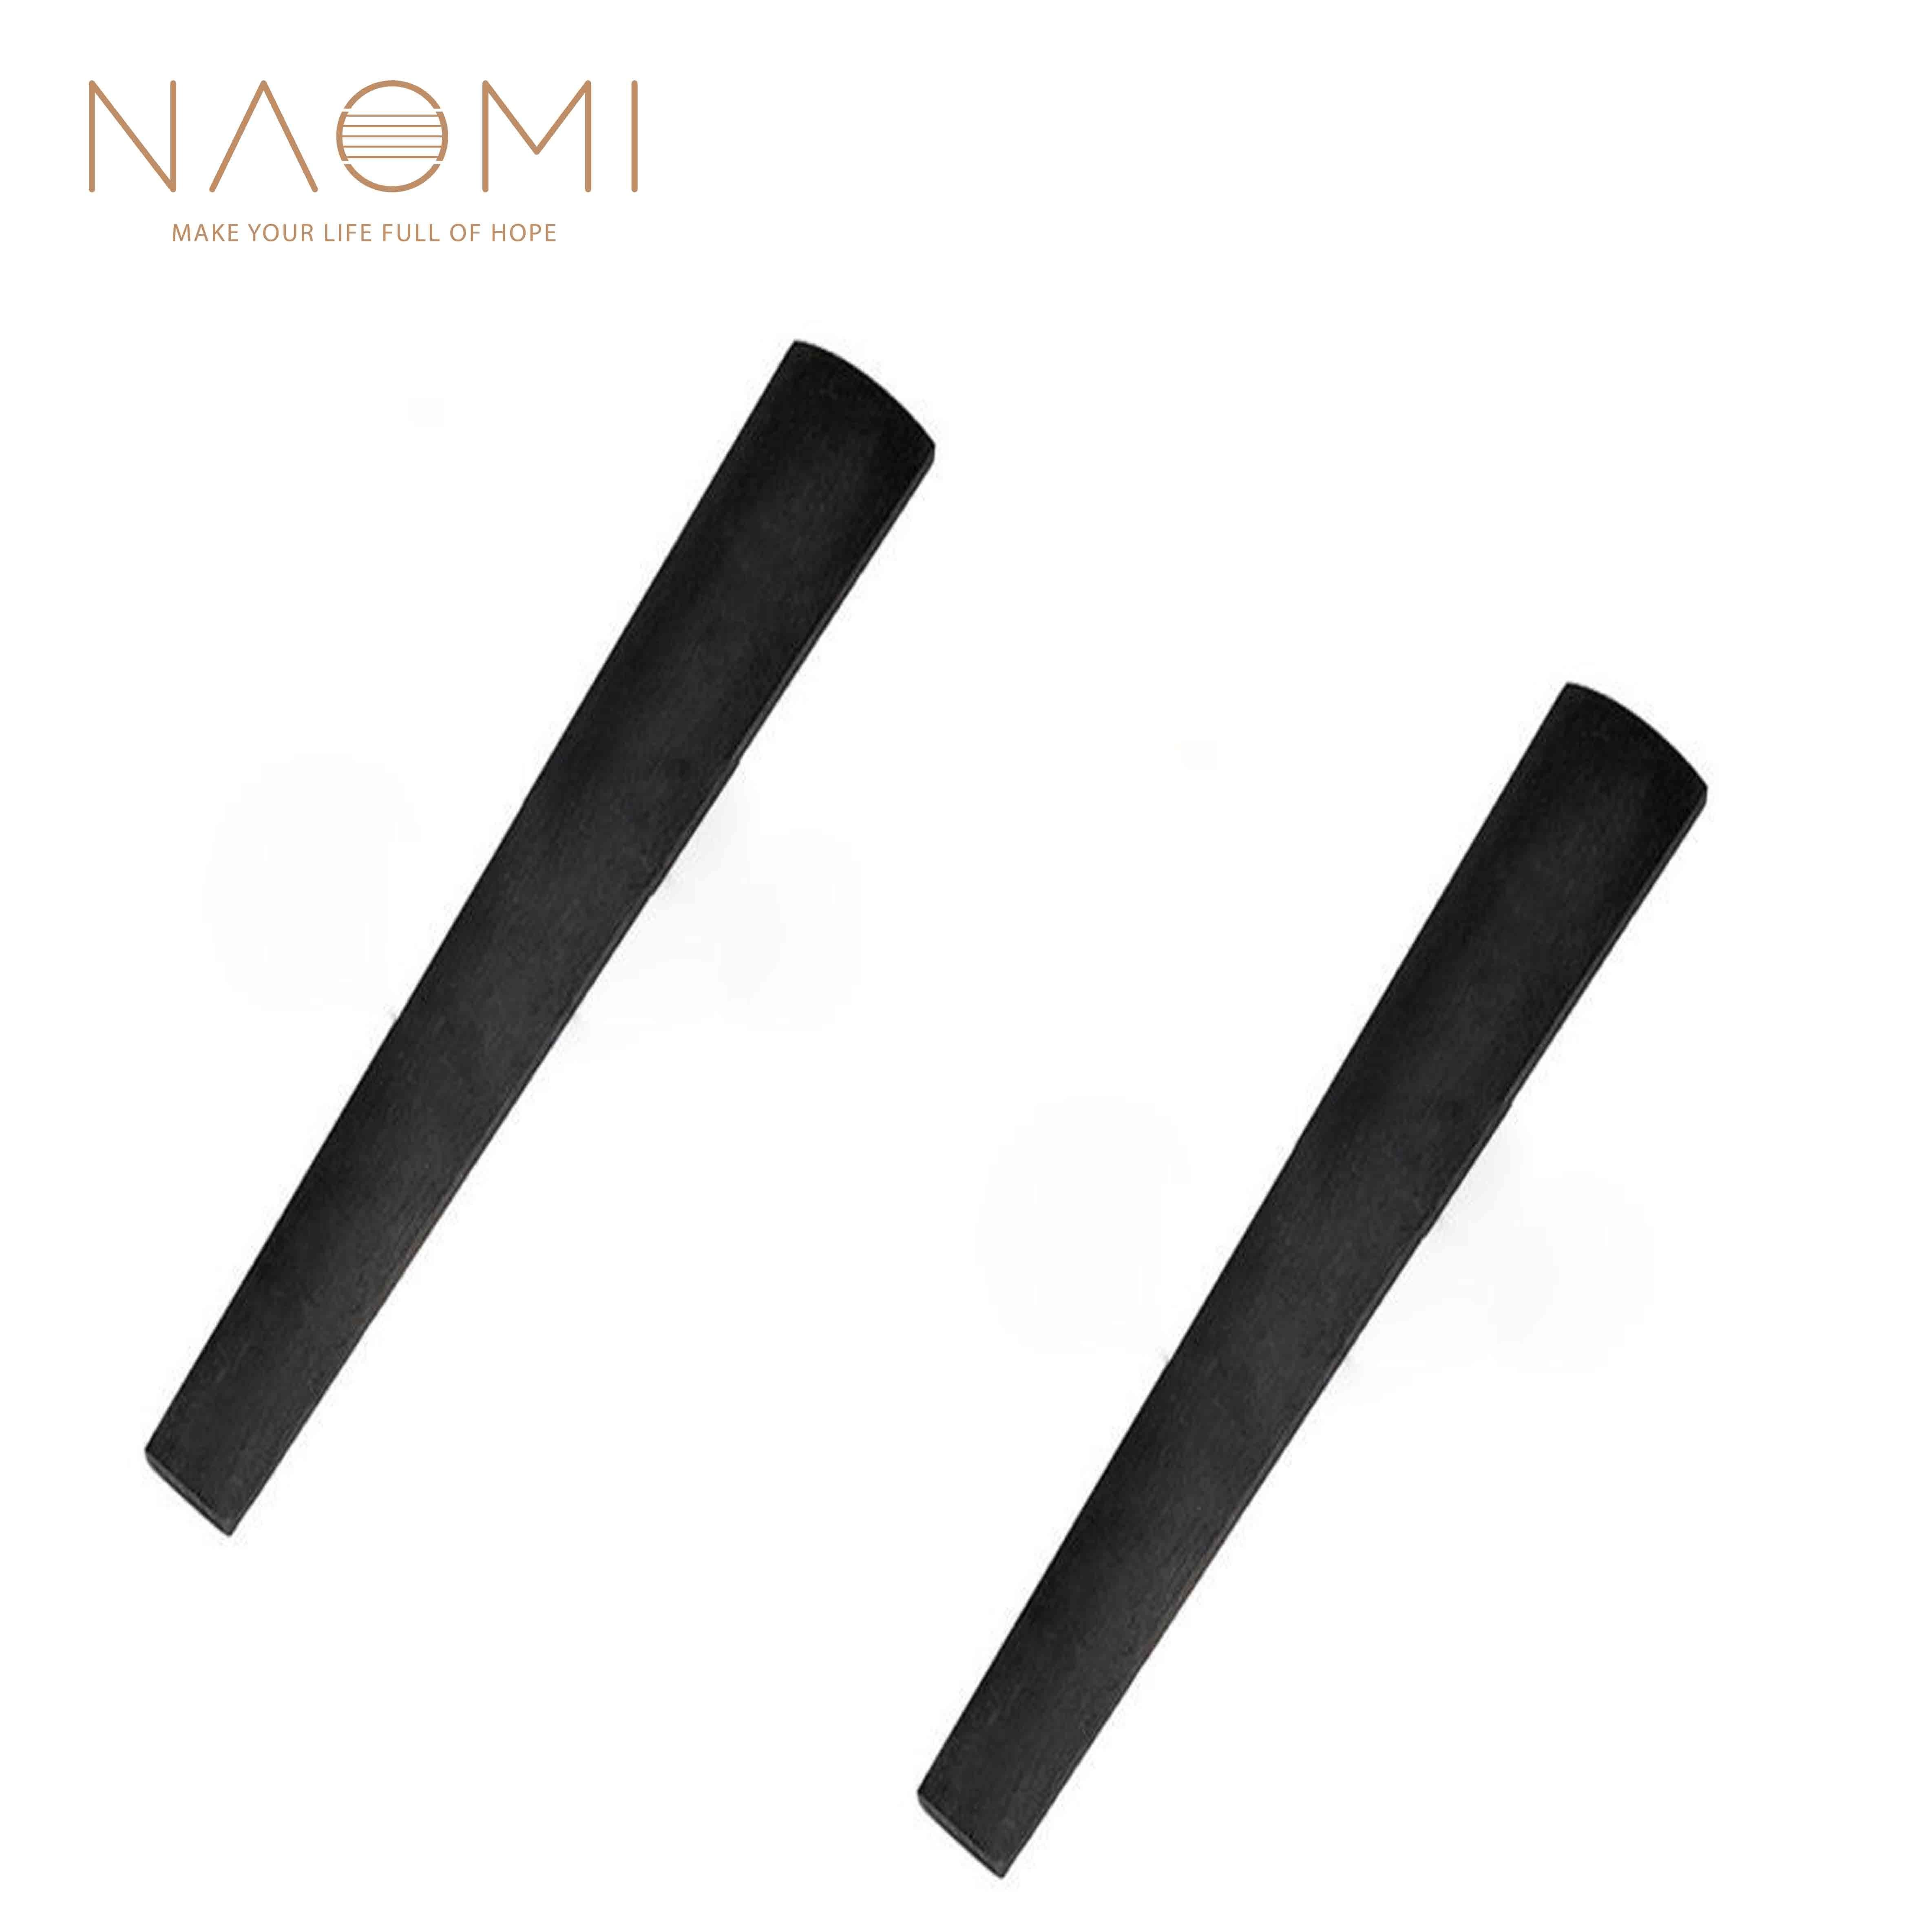 NAOMI 2 шт. скрипка 4/4 Эбеновое дерево аксессуары для скрипки часть для скрипки 4/4